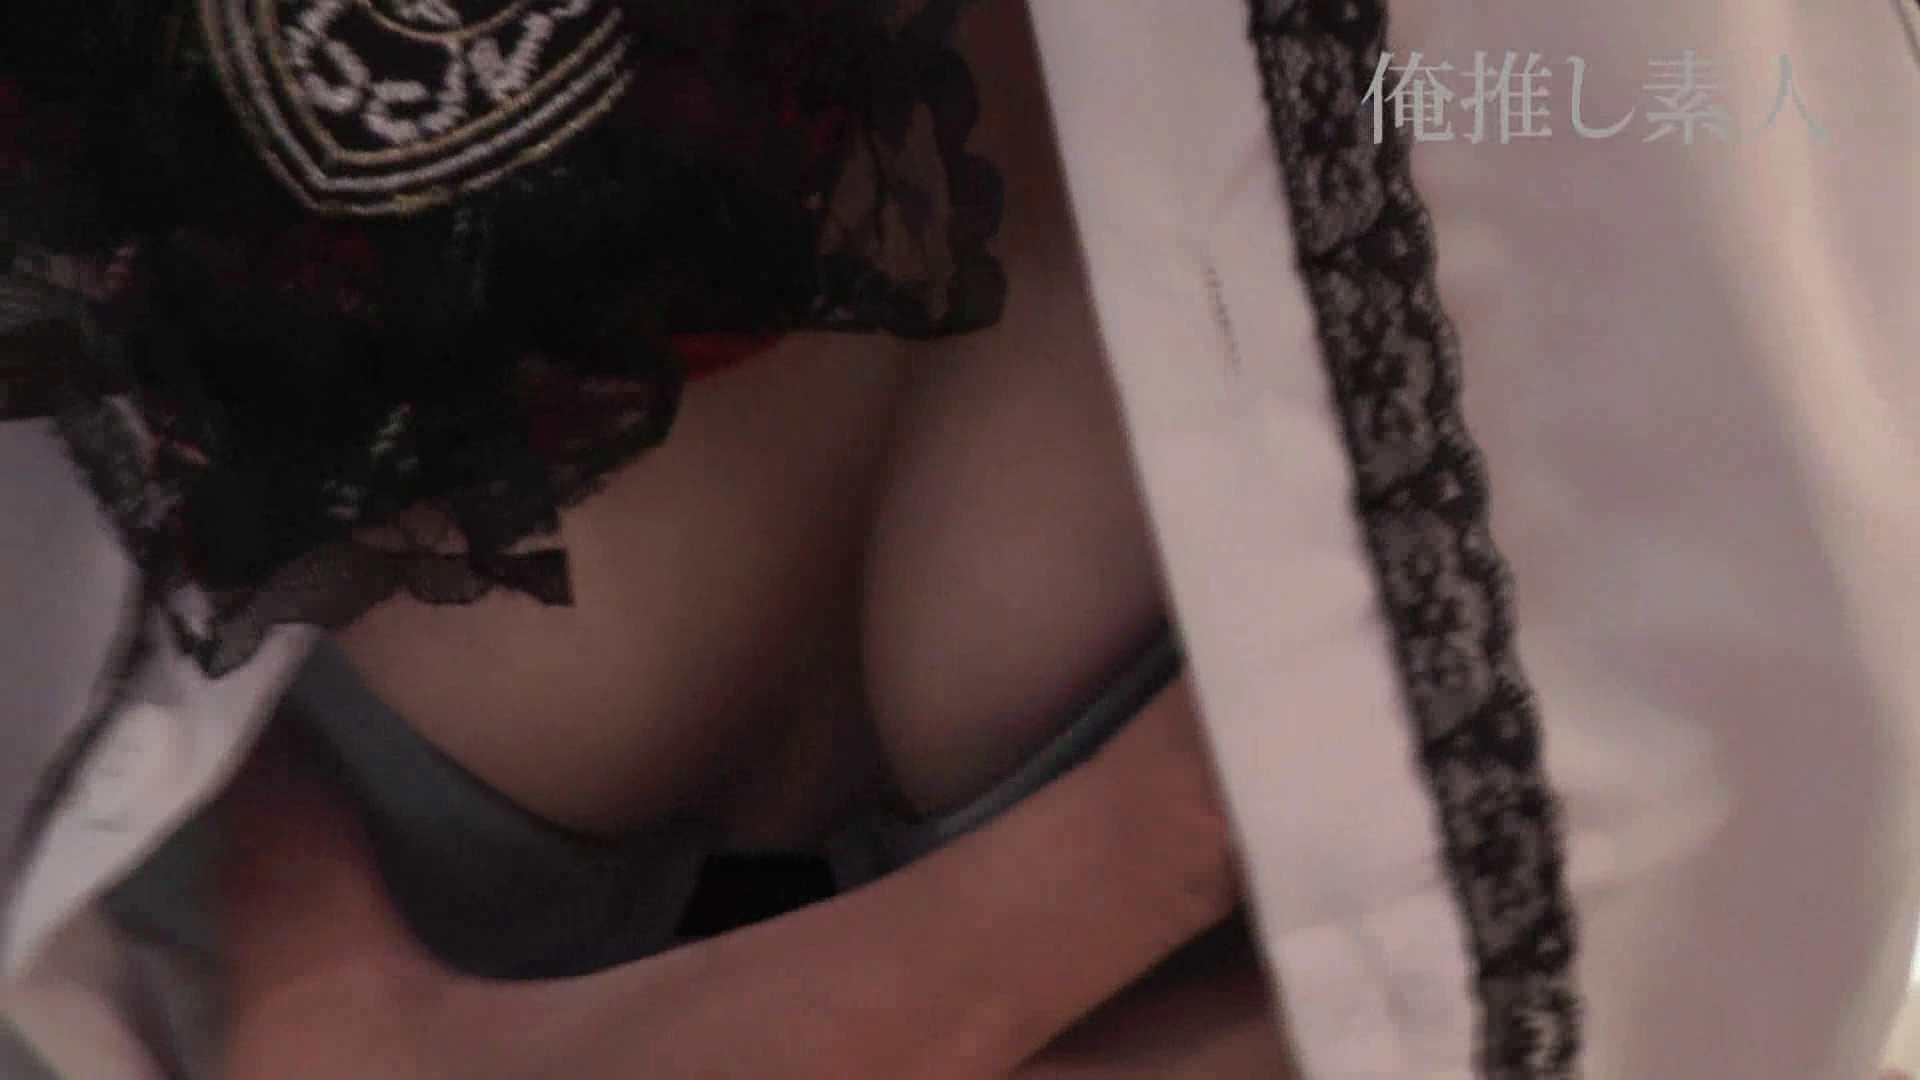 俺推し素人 EカップシングルマザーOL30歳瑤子vol3 OL裸体 | 一般投稿  57画像 33